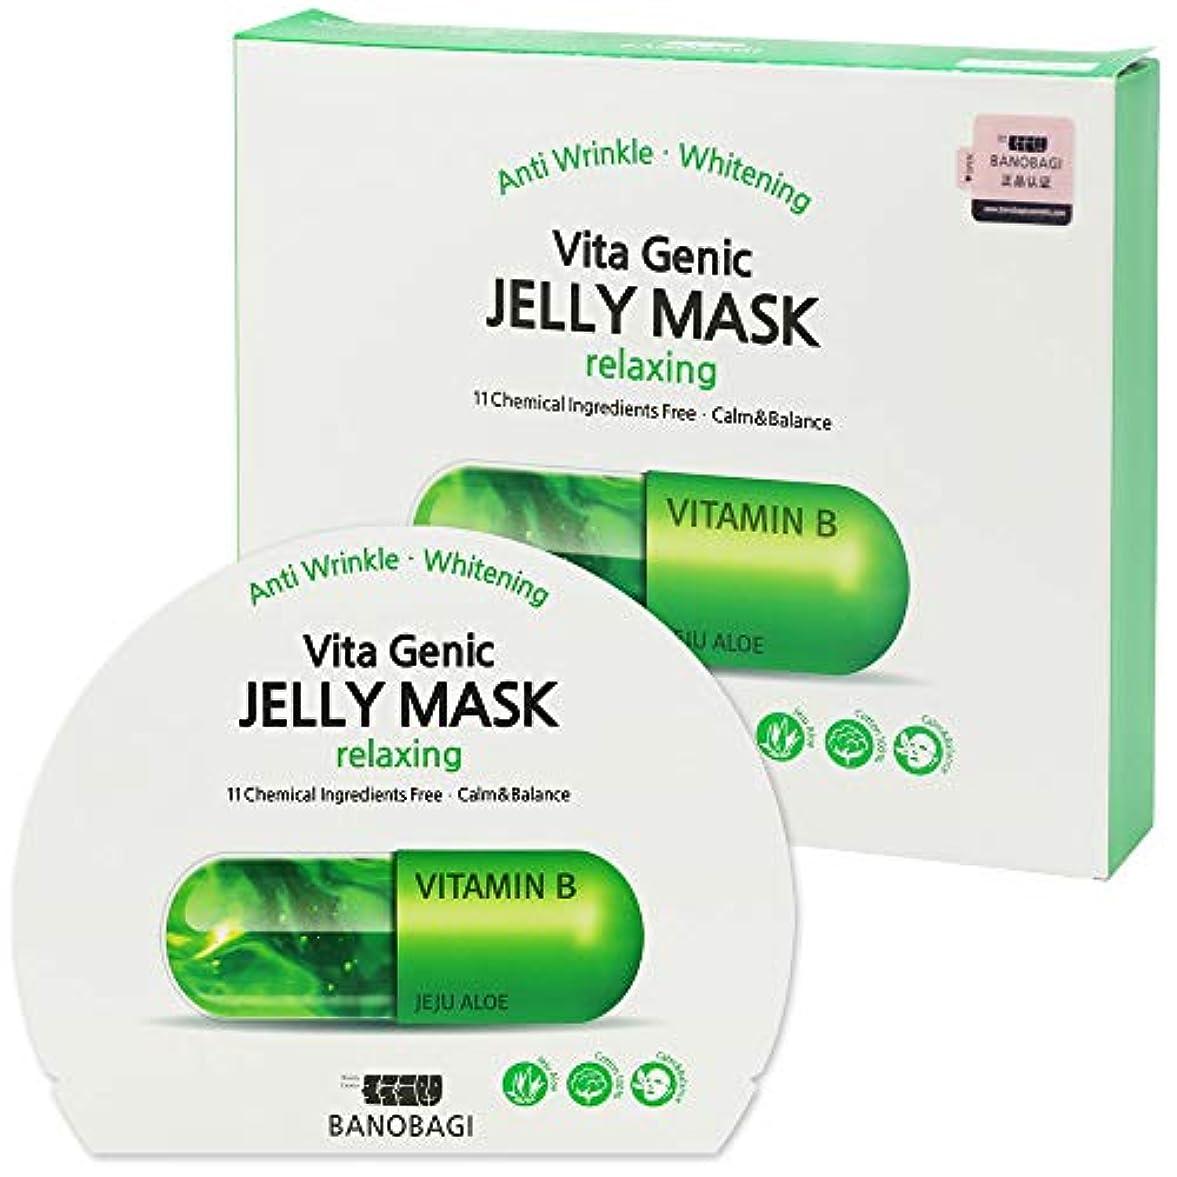 自伝含む大学バナバギ[BANOBAGI] ヴィータジェニックゼリーマスク★リラックス(緑)30mlx10P / Vita Genic Jelly Mask (Relaxing-Green)